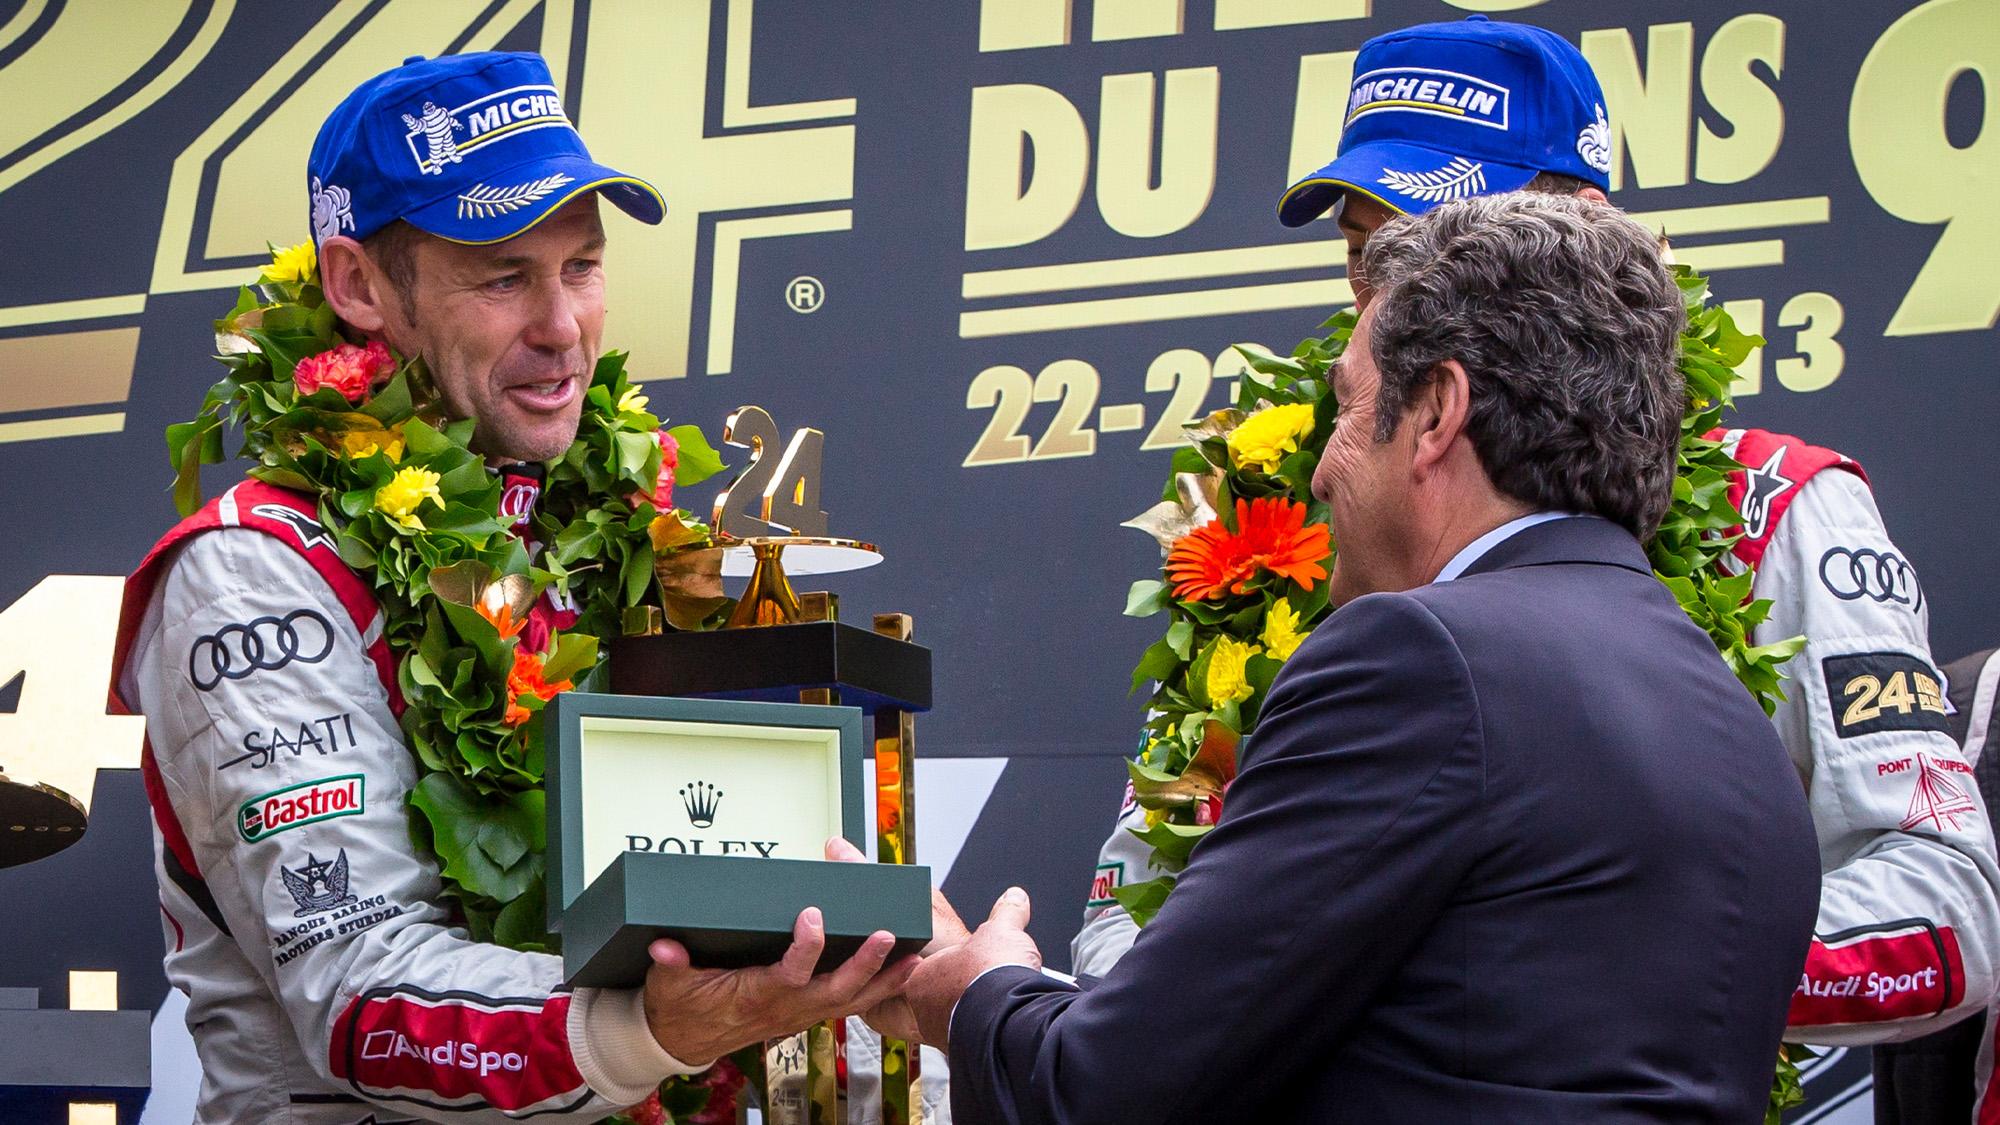 Tom Kristensen on the podium at Le Mans